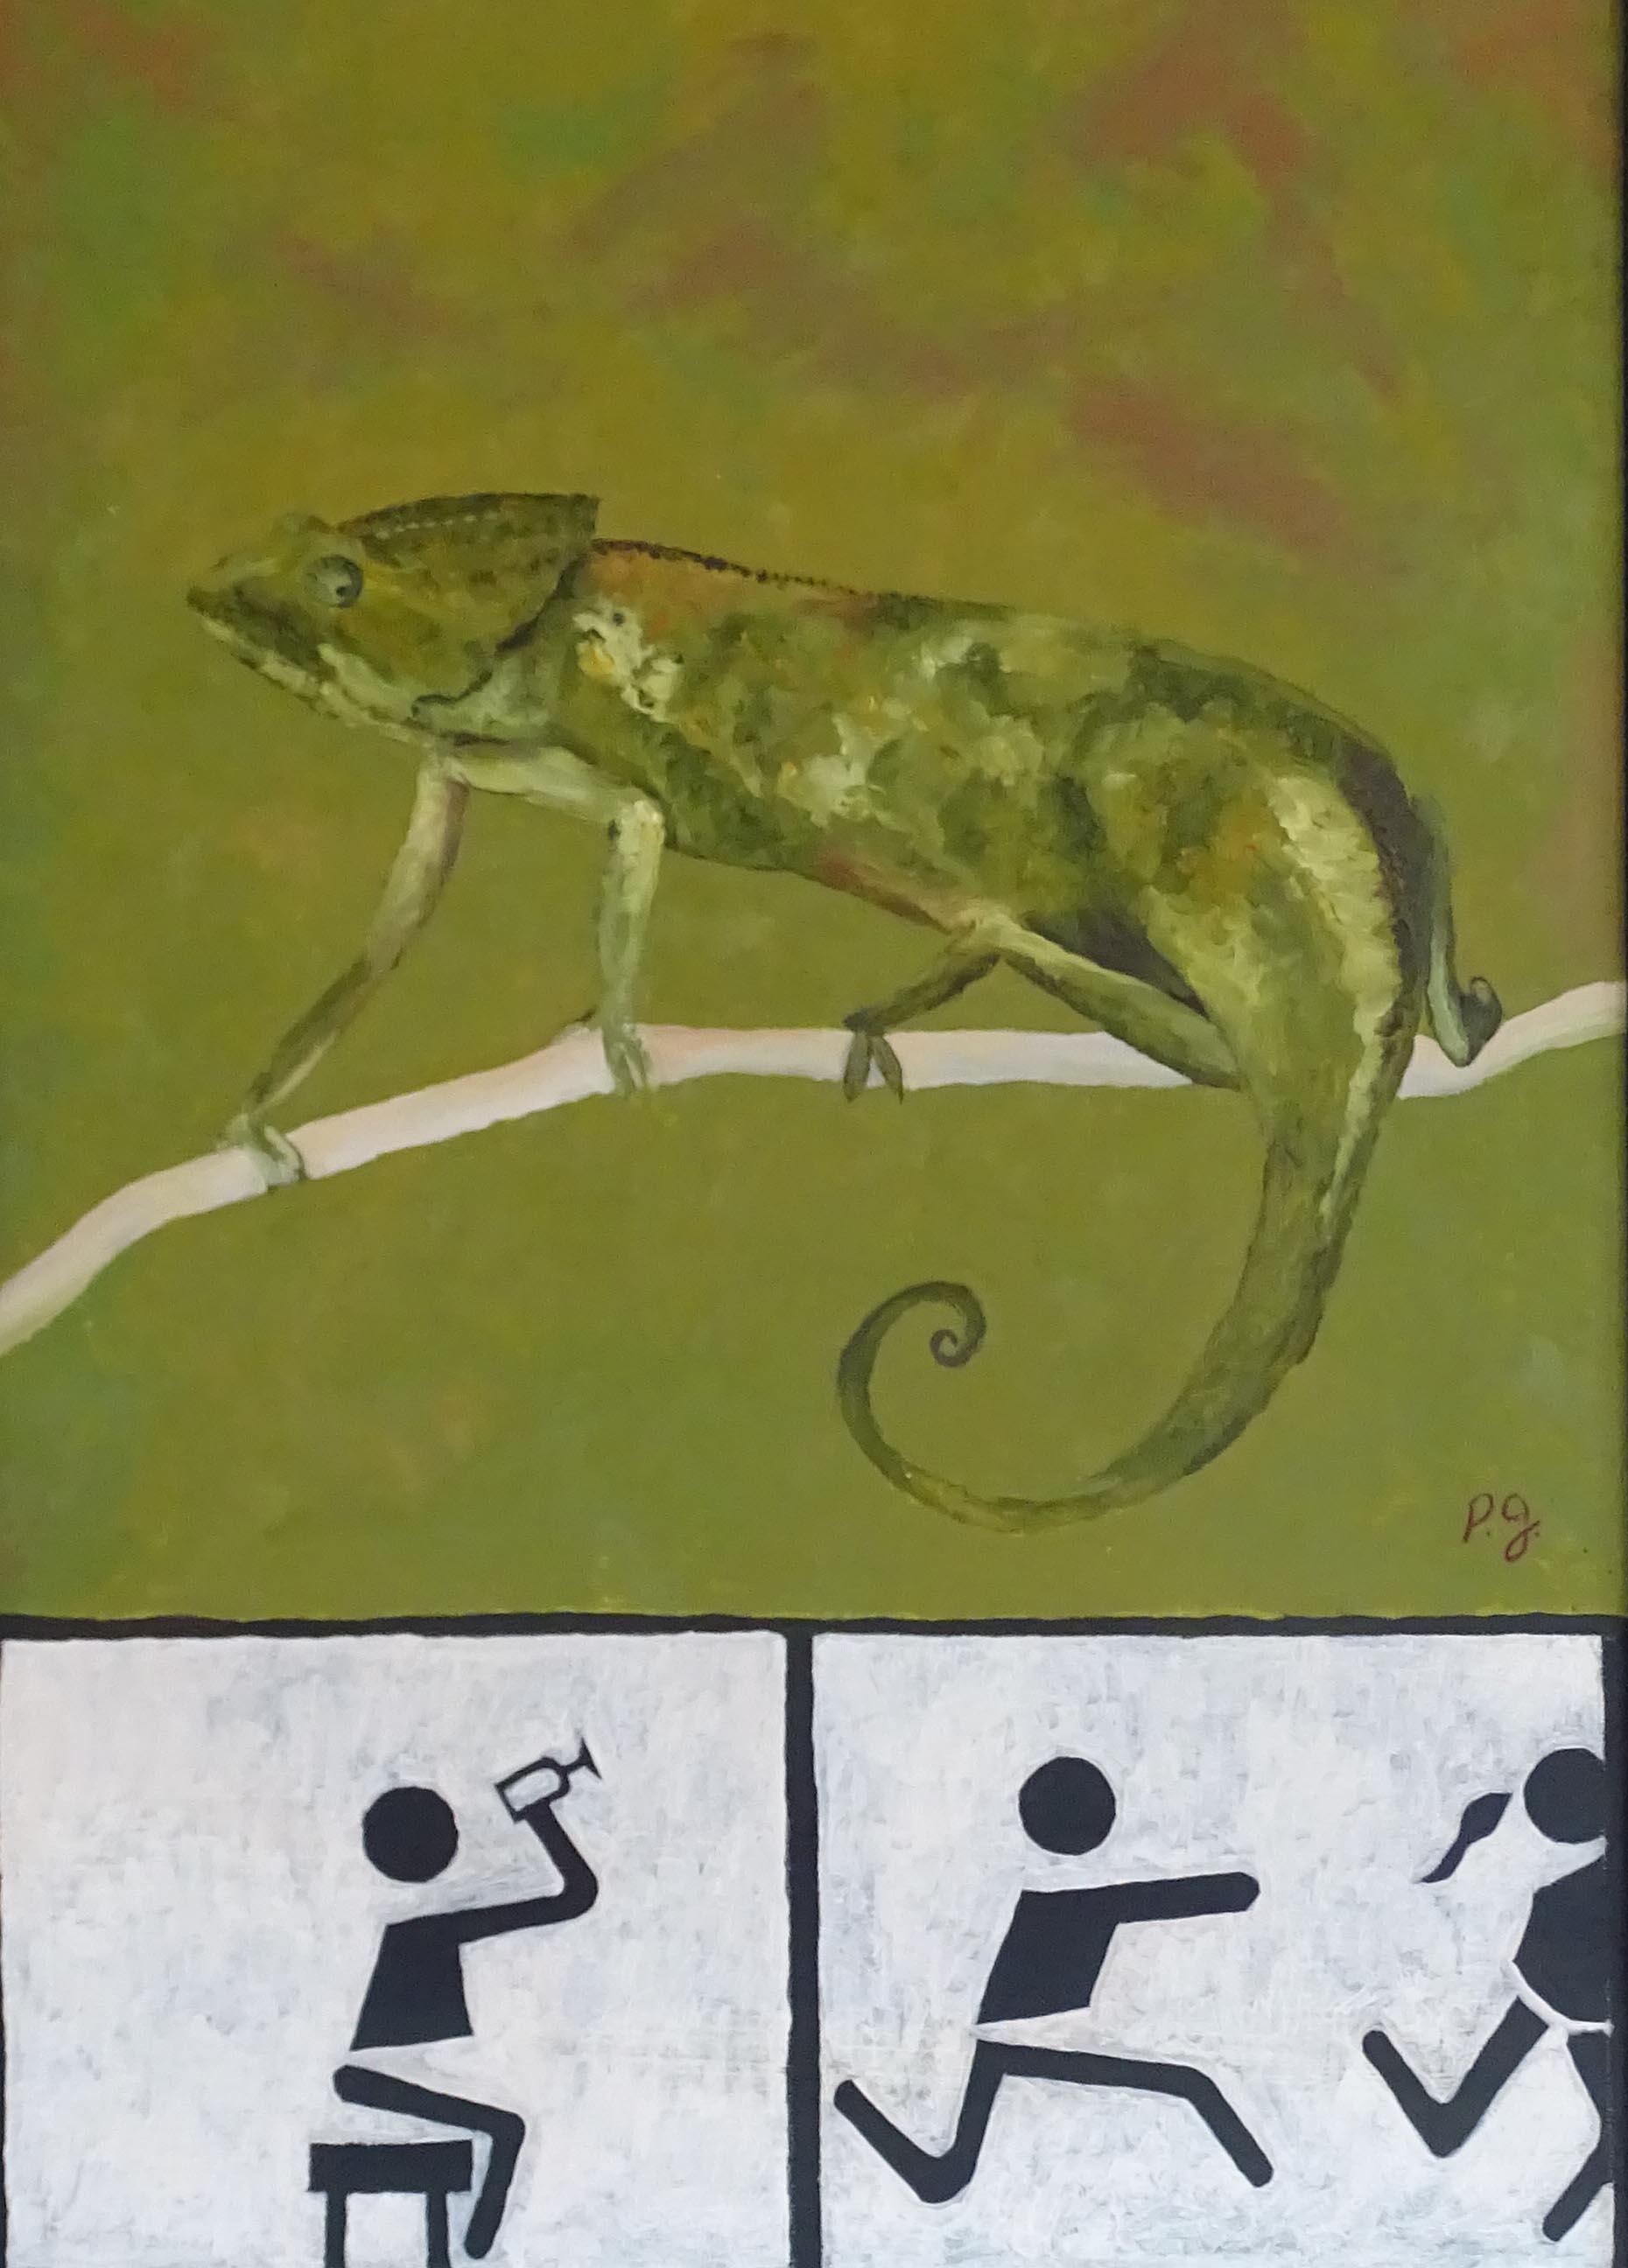 """""""Caméléon"""" - 2005 - p.g. [patrick gourgouillat]"""